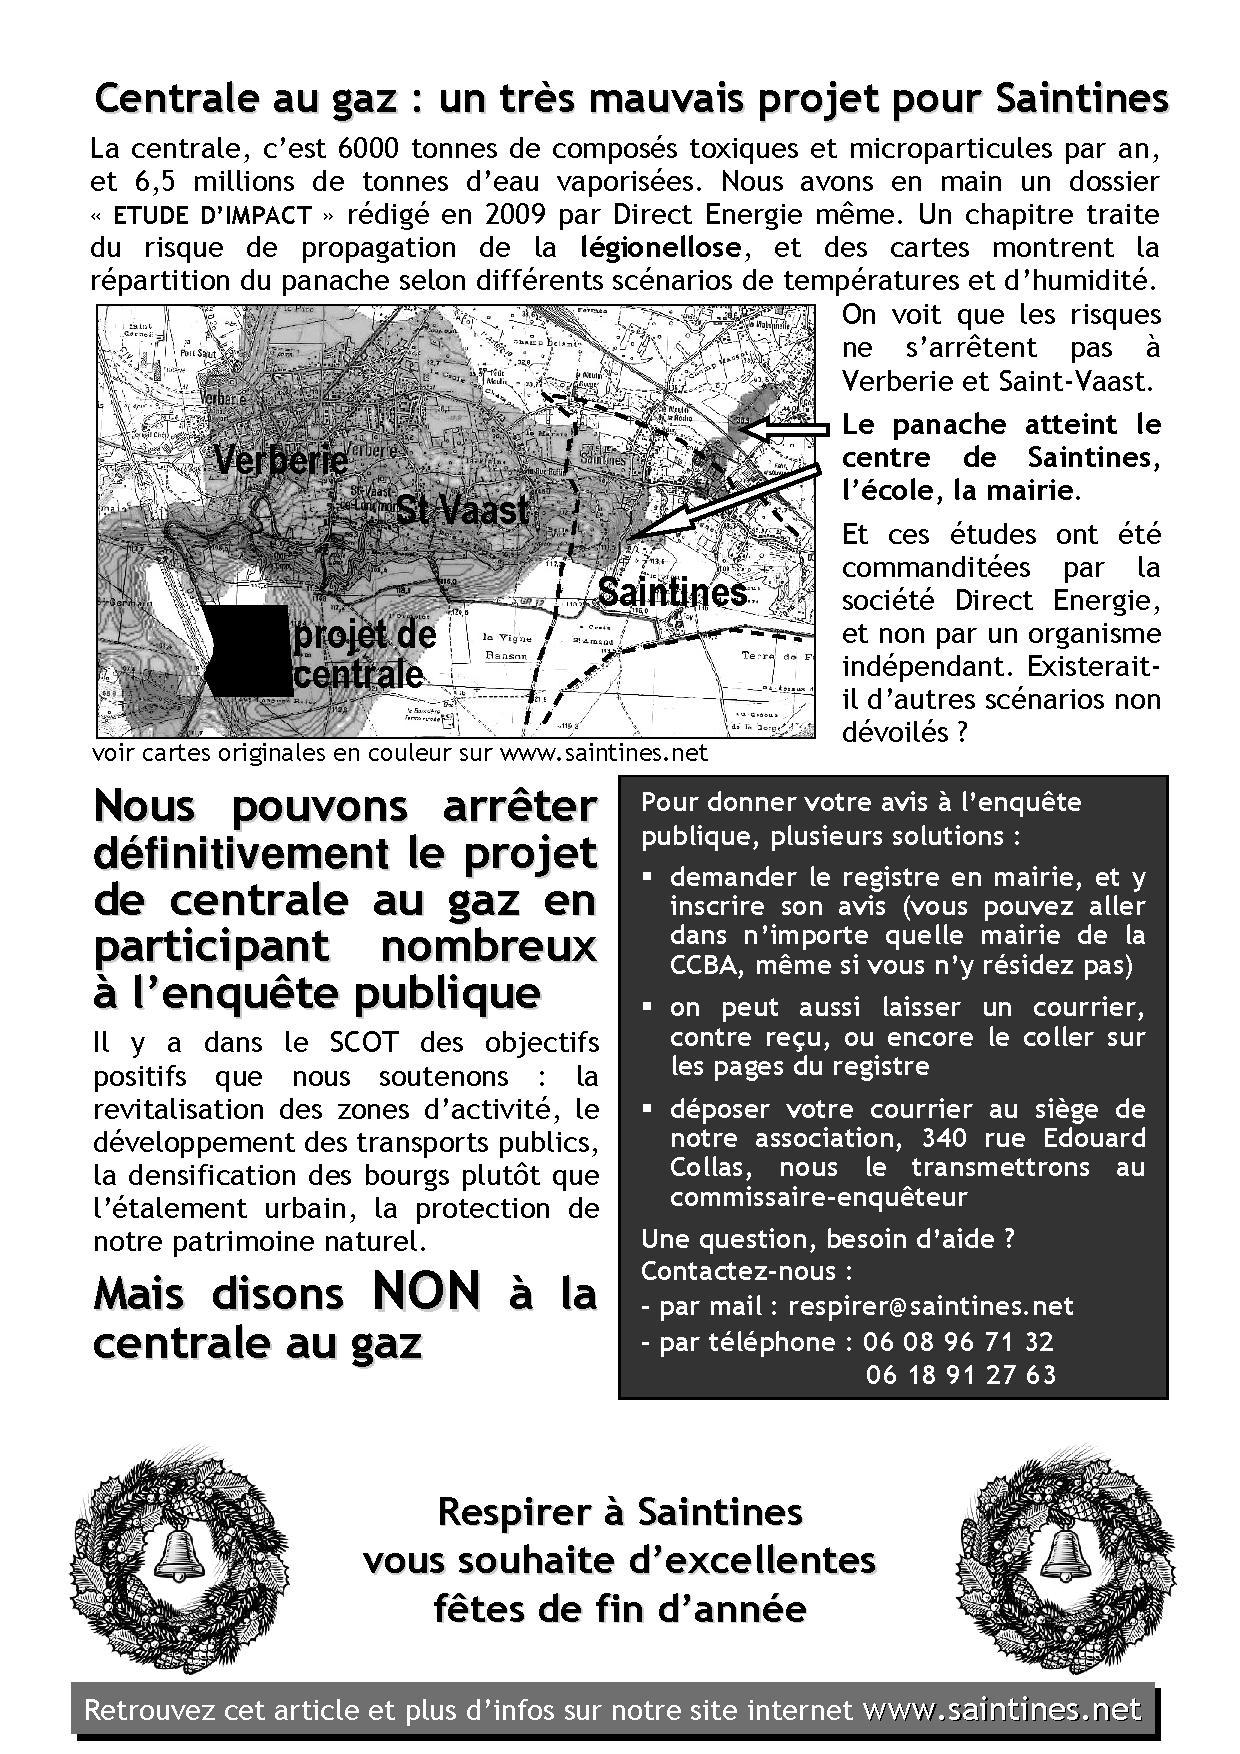 La Lettre de décembre 2012, page 2